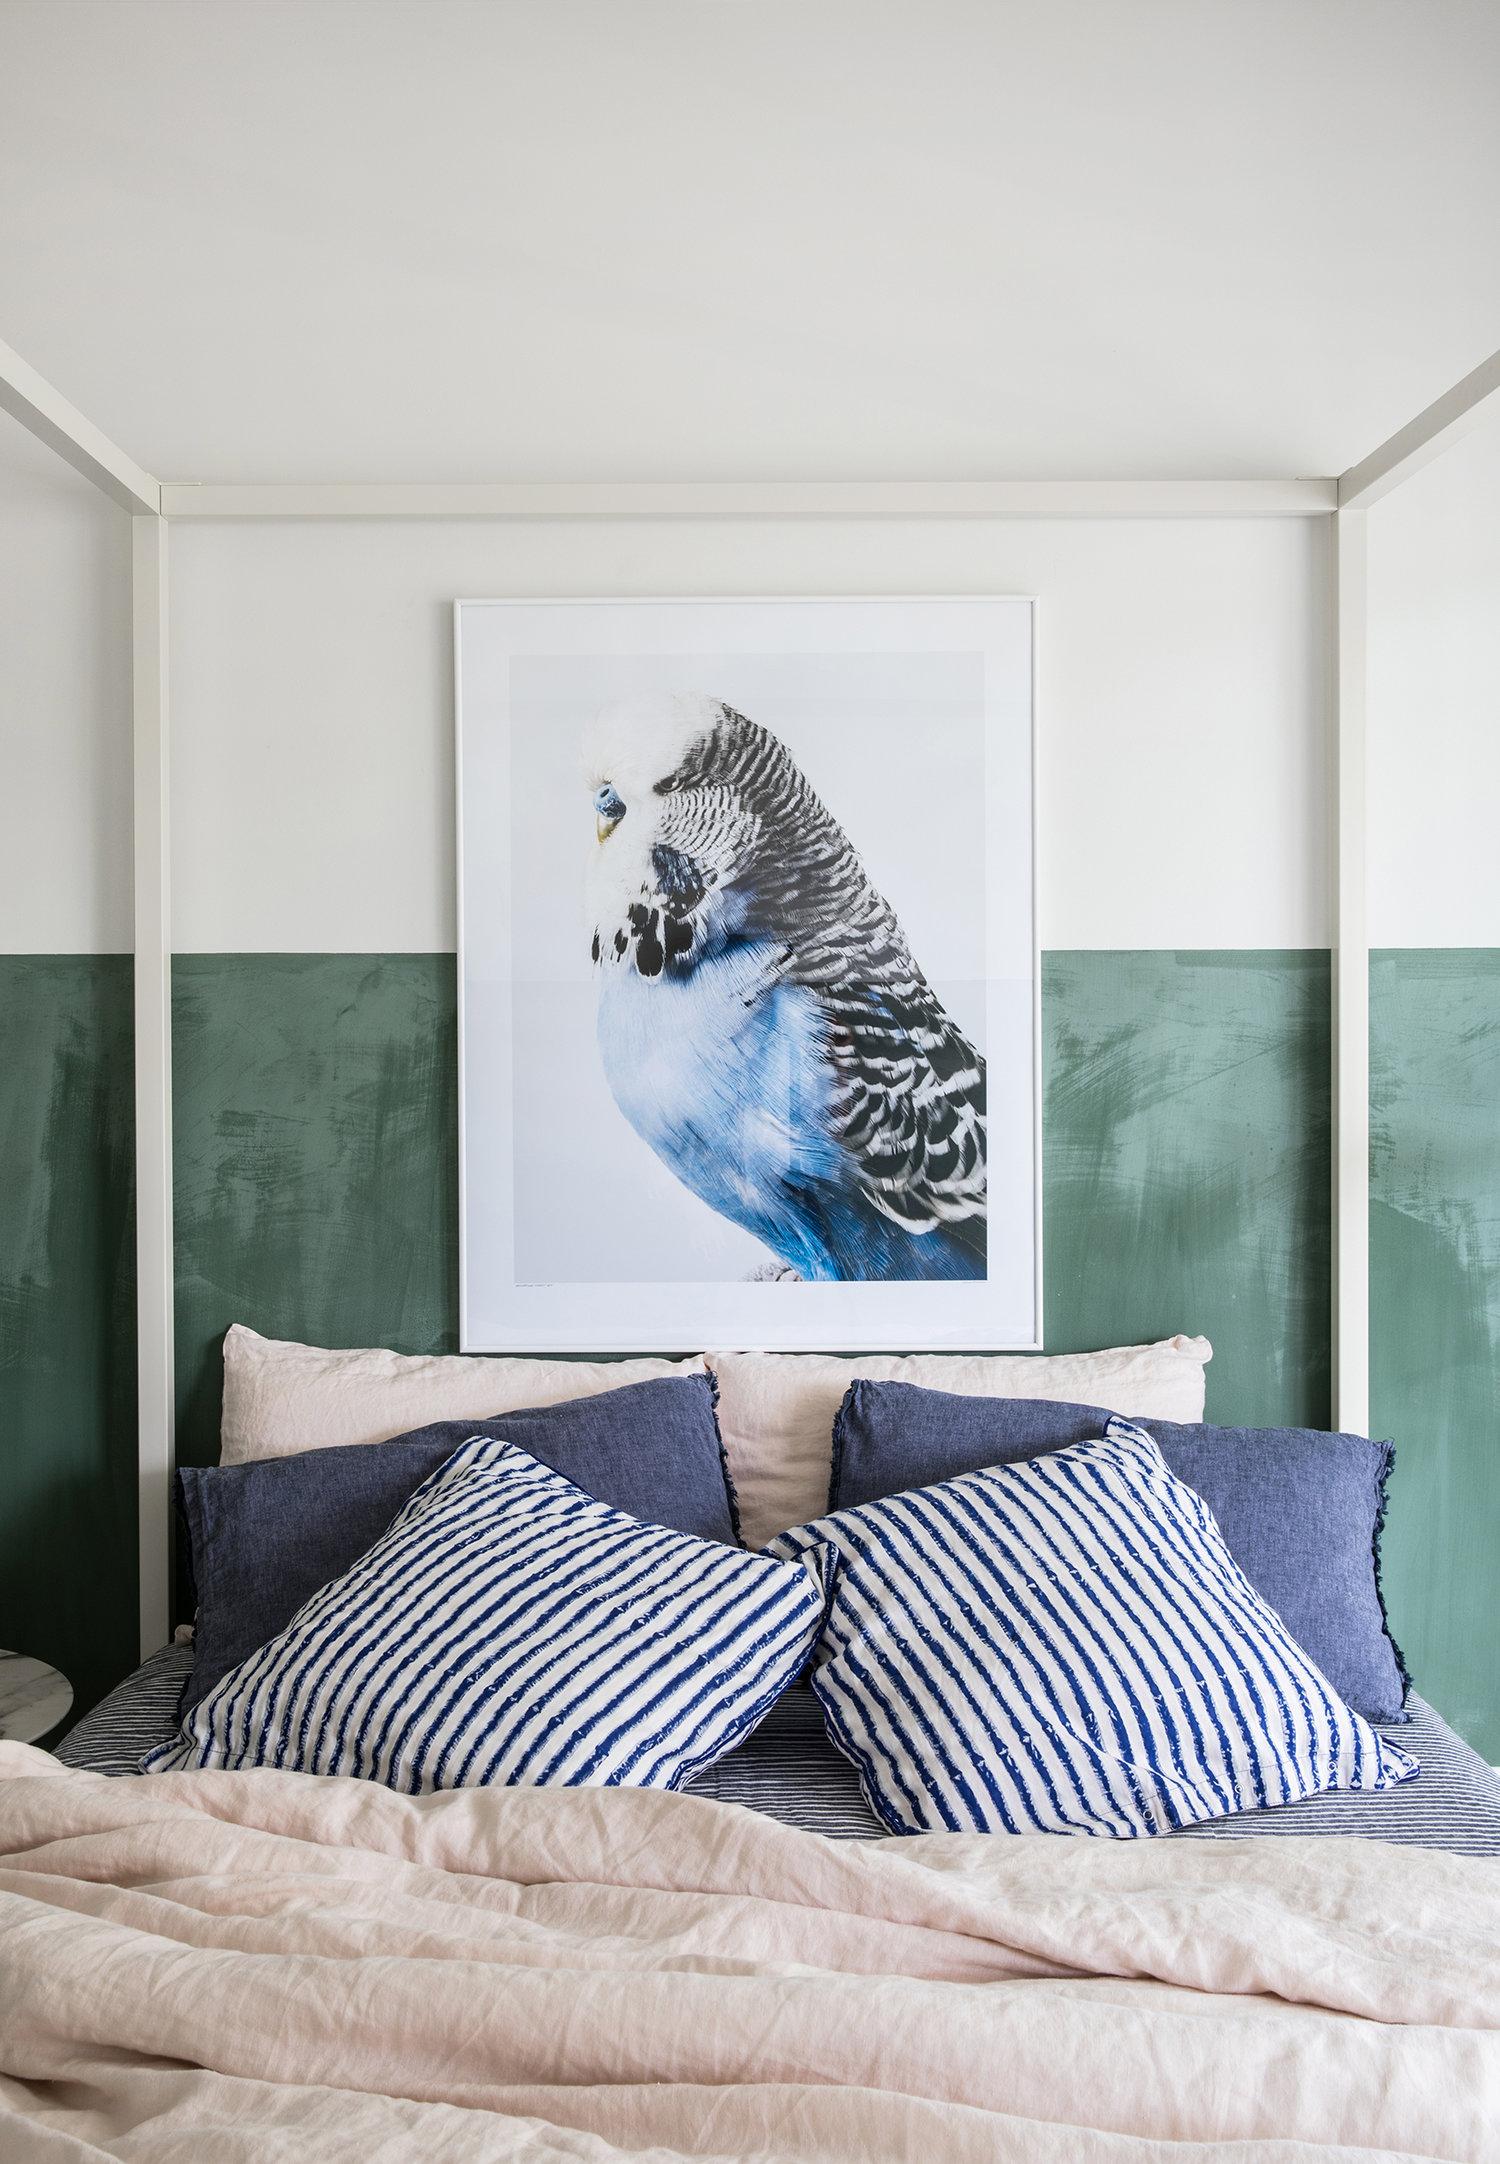 literie de lin art surdimensionné mur vert dans la chambre | visite de la maison sur coco kelley